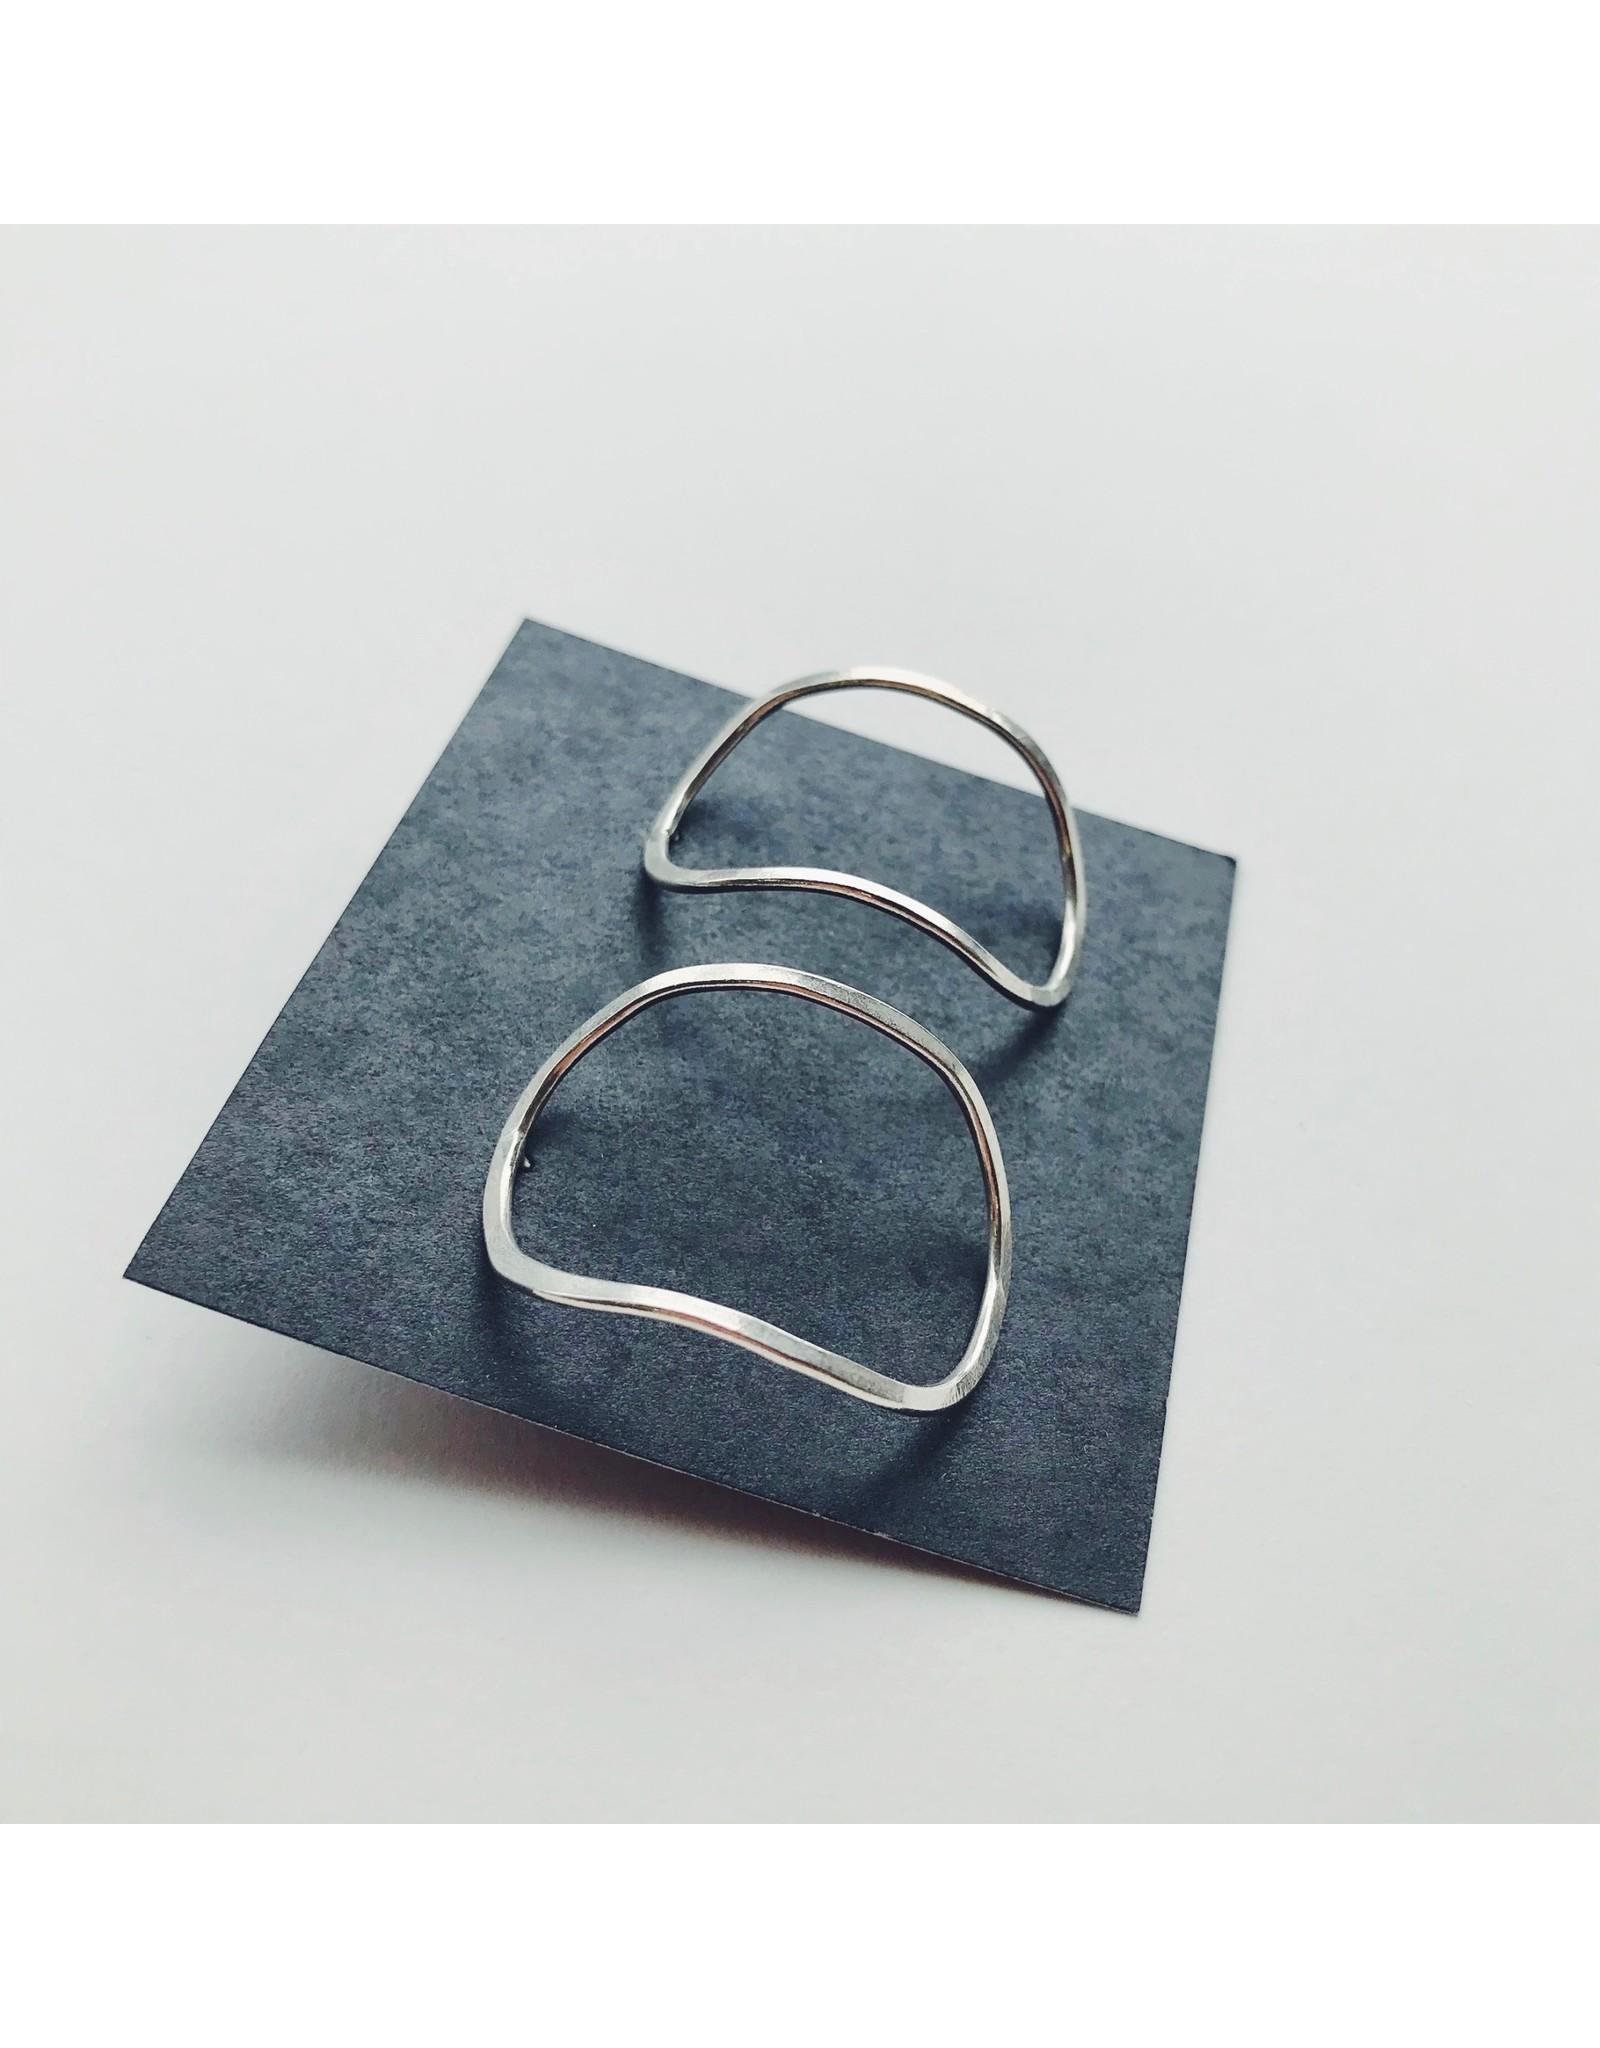 Sculpt Eco Silver Earrings